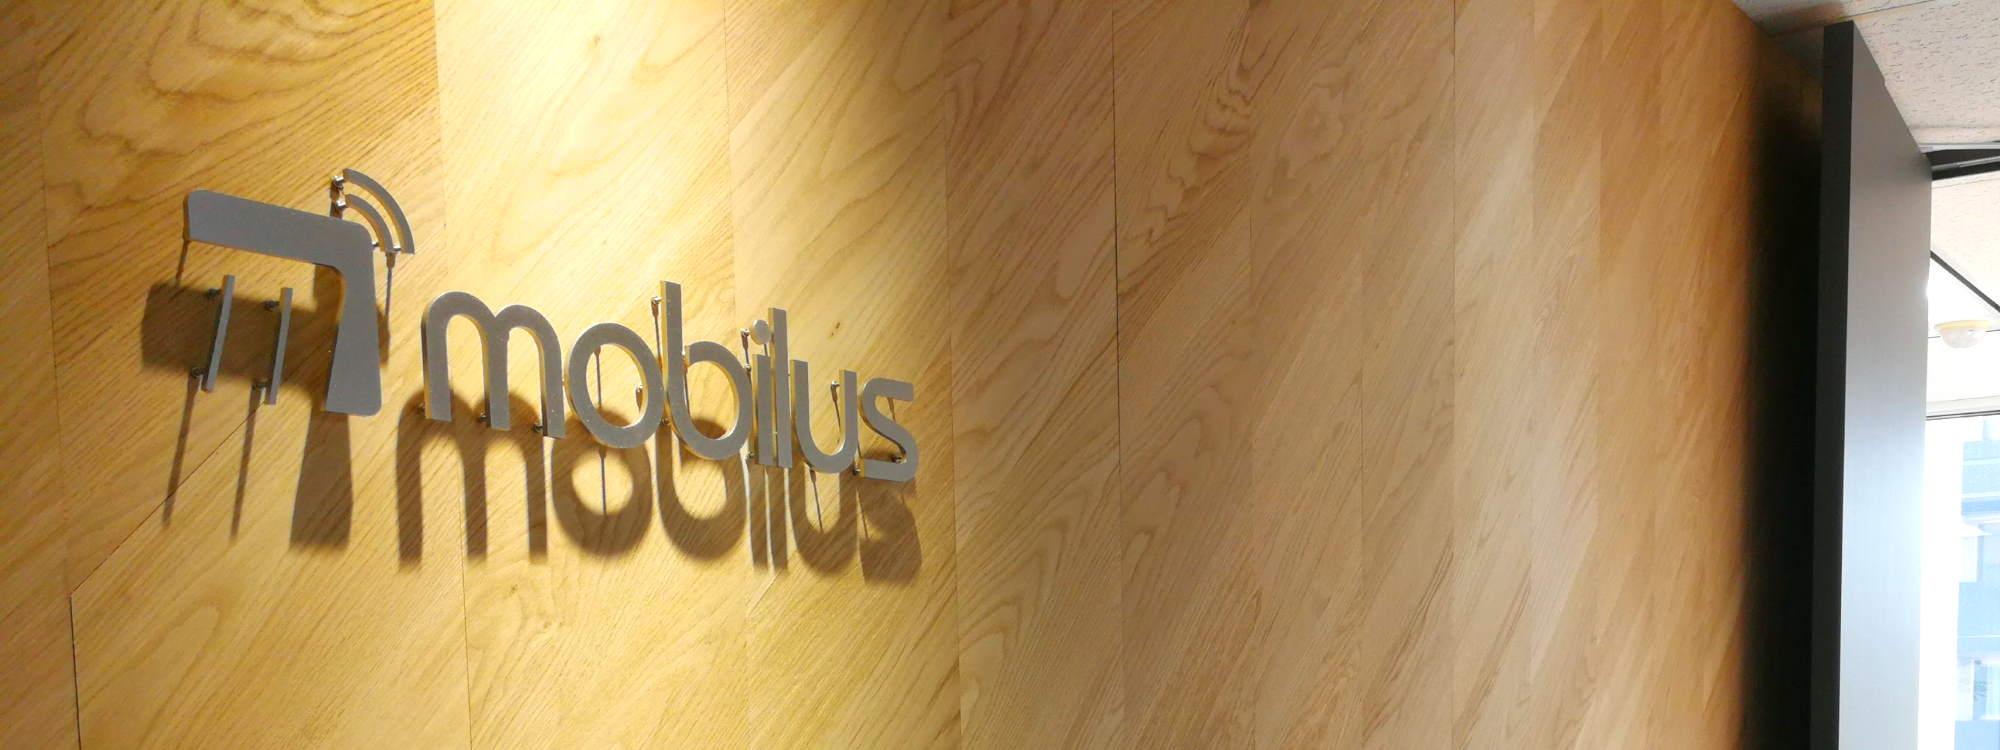 モビルス サポートイノベーションラボとは